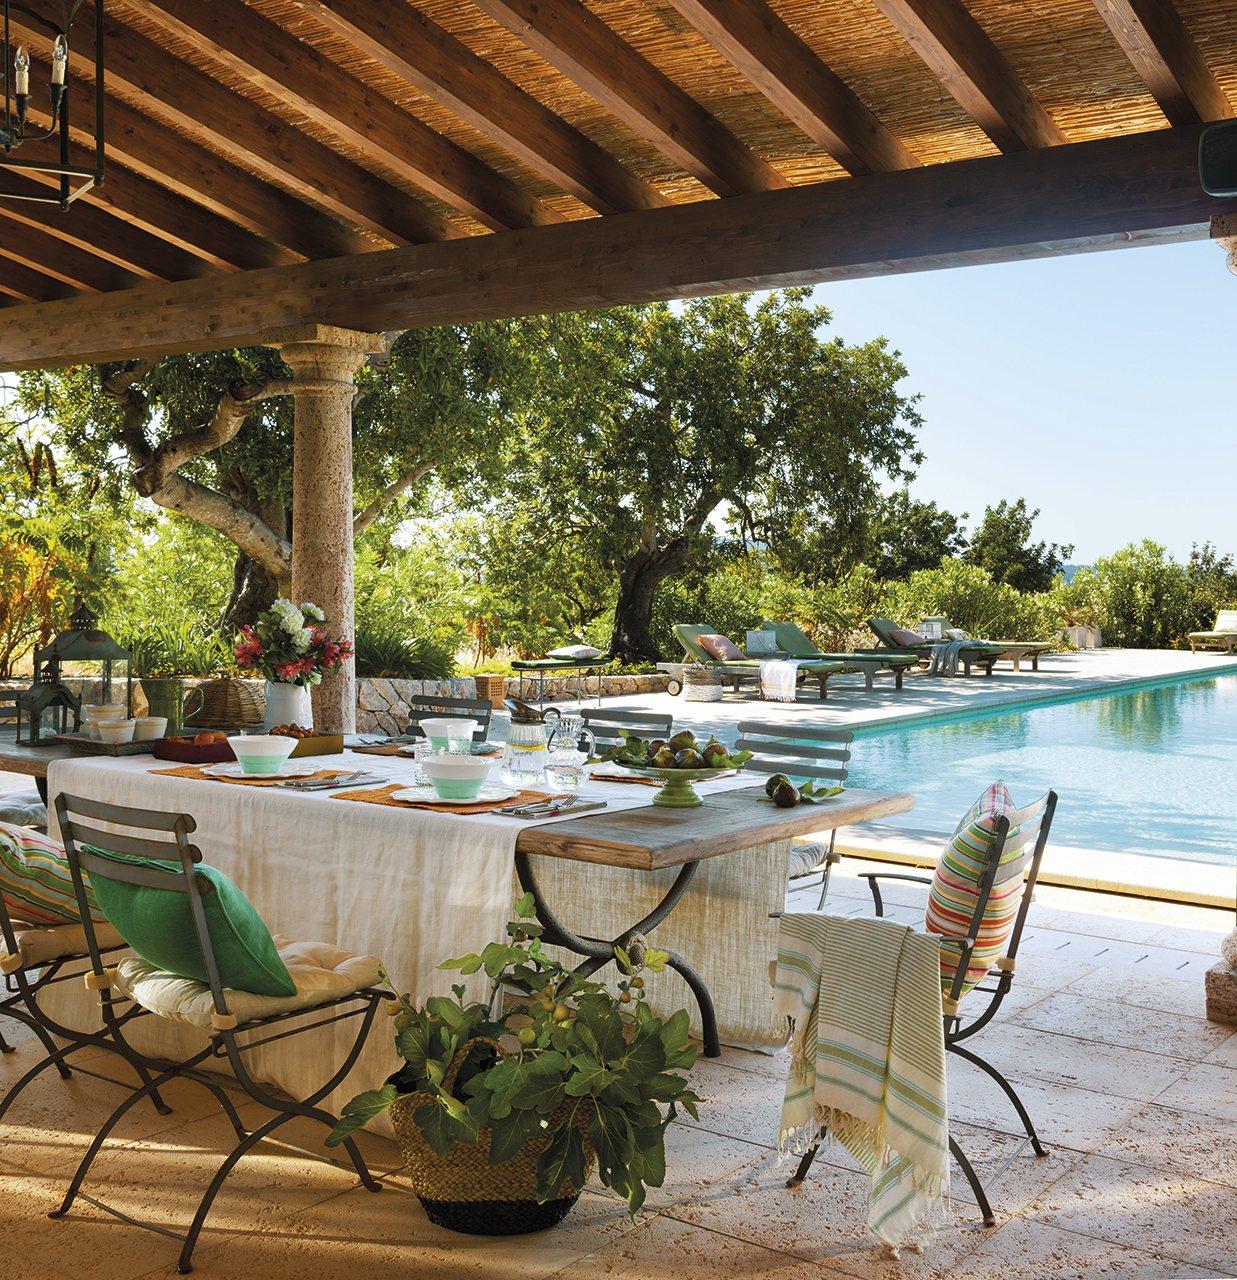 Comedor de verano exterior al lado de la piscina. Porche con vigas de madera, columnas y comedor junto a la piscina